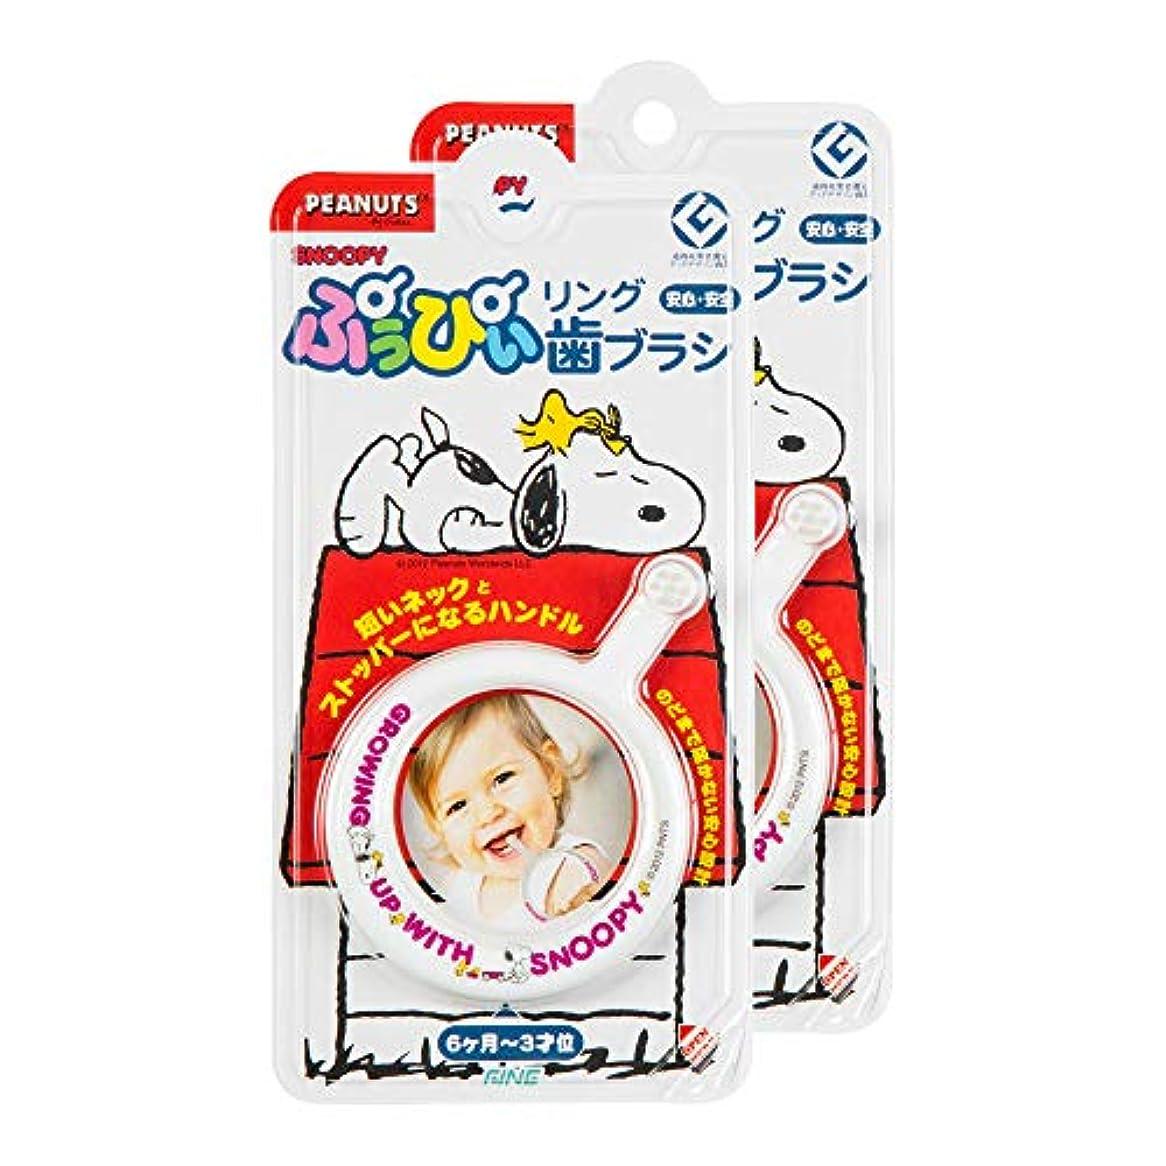 ニンニク所有権平野【Amazon.co.jp限定】 ファイン ベビー用歯ブラシ 2個組 ピンク 2組 4976858872099